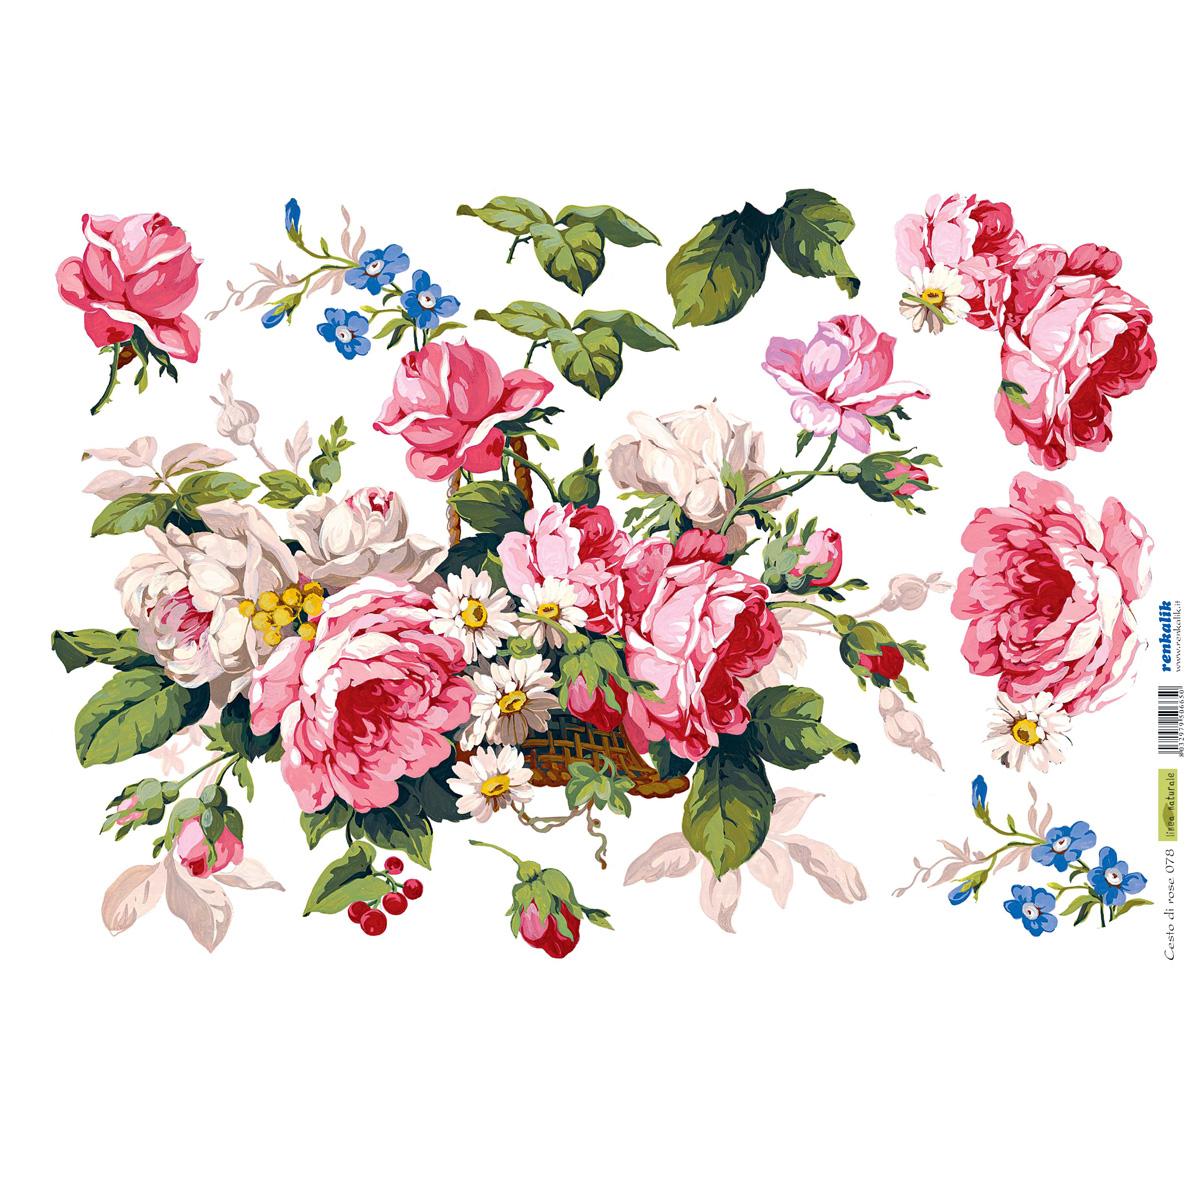 Рисовая бумага для декупажа Renkalik Корзина с розами, 35 х 50 см7716562Бумага для декупажа Renkalik предназначена для декорирования предметов. Имеет в составе прожилки риса, которые очень красиво смотрятся на декорируемом изделии, придают ему неповторимую фактуру и создают эффект нанесенного кистью рисунка. Подходит для декора в технике декупаж на стекле, дереве, пластике, металле и любых других поверхностях. Плотность бумаги: 25 г/м2.